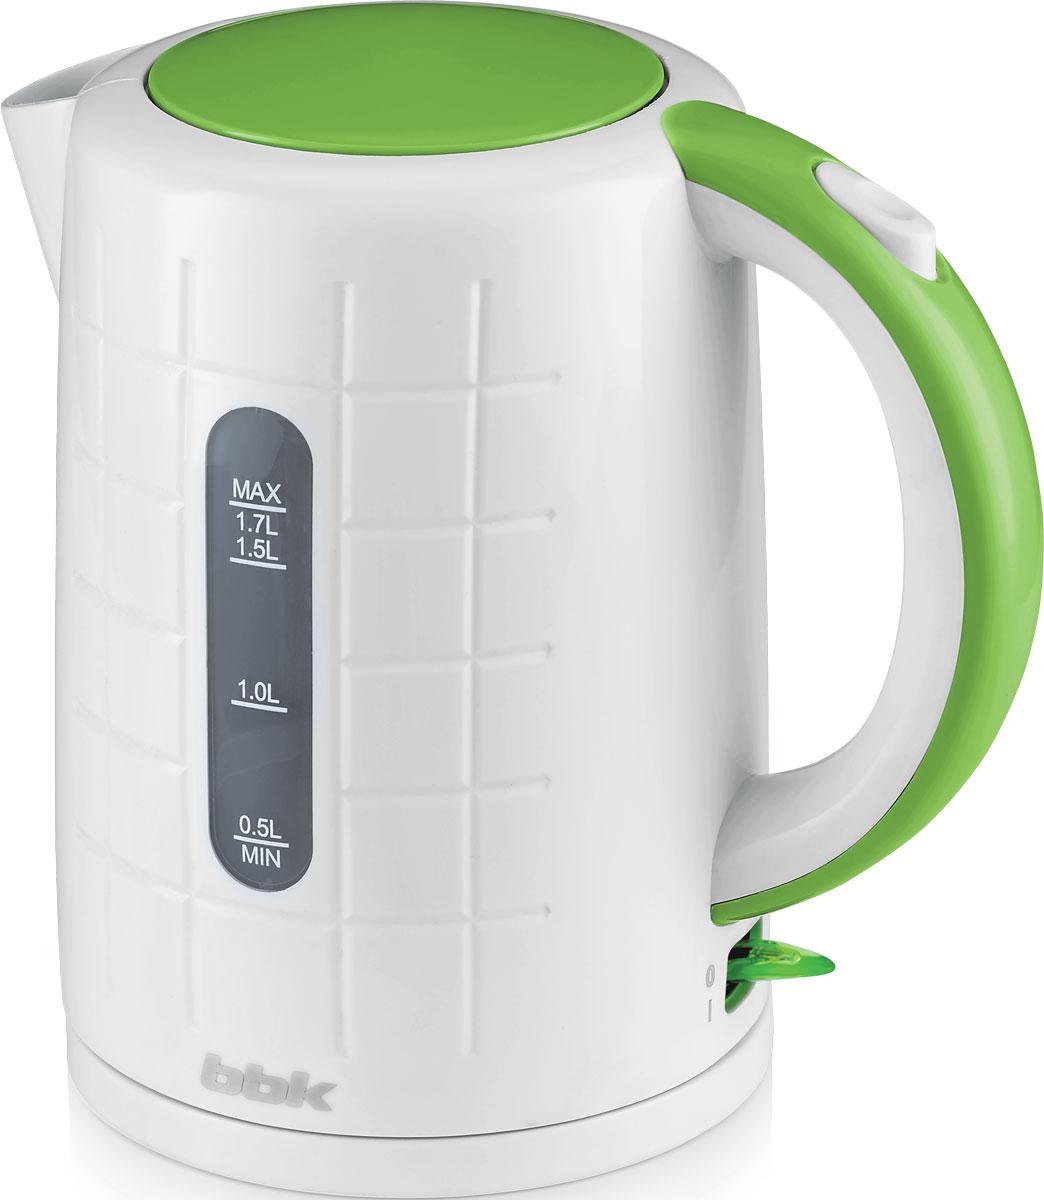 BBK EK1703P, White Green электрический чайникEK1703P бел/зелЭлектрический чайник BBK EK1703P из термостойкого экологически чистого пластика, мощностью 2200 Bт и емкостью 1,7 литра, - это не просто стильный, но и многофункциональный прибор для вашей кухни. Благодаря английскому контроллеру, установленному в приборе, чайник прослужит в 5 раз дольше обычного, обеспечивая до 15000 закипаний. Модель оснащена многоуровневой защитой: автоматическое отключение при закипании, отключение при недостаточном количестве водыи отключение при снятии чайника с базы. Прибор установлен на удобную подставку с возможностью поворота на 360 градусов и с отделением для хранения шнура. Помимо этого отличительной особенностью является удобный носик для наливания и шкала уровня воды. Съемный фильтр от накипи и скрытый нагревательный элемент гарантированно обеспечат надежность, долговечность и максимально комфортное ежедневное использование.